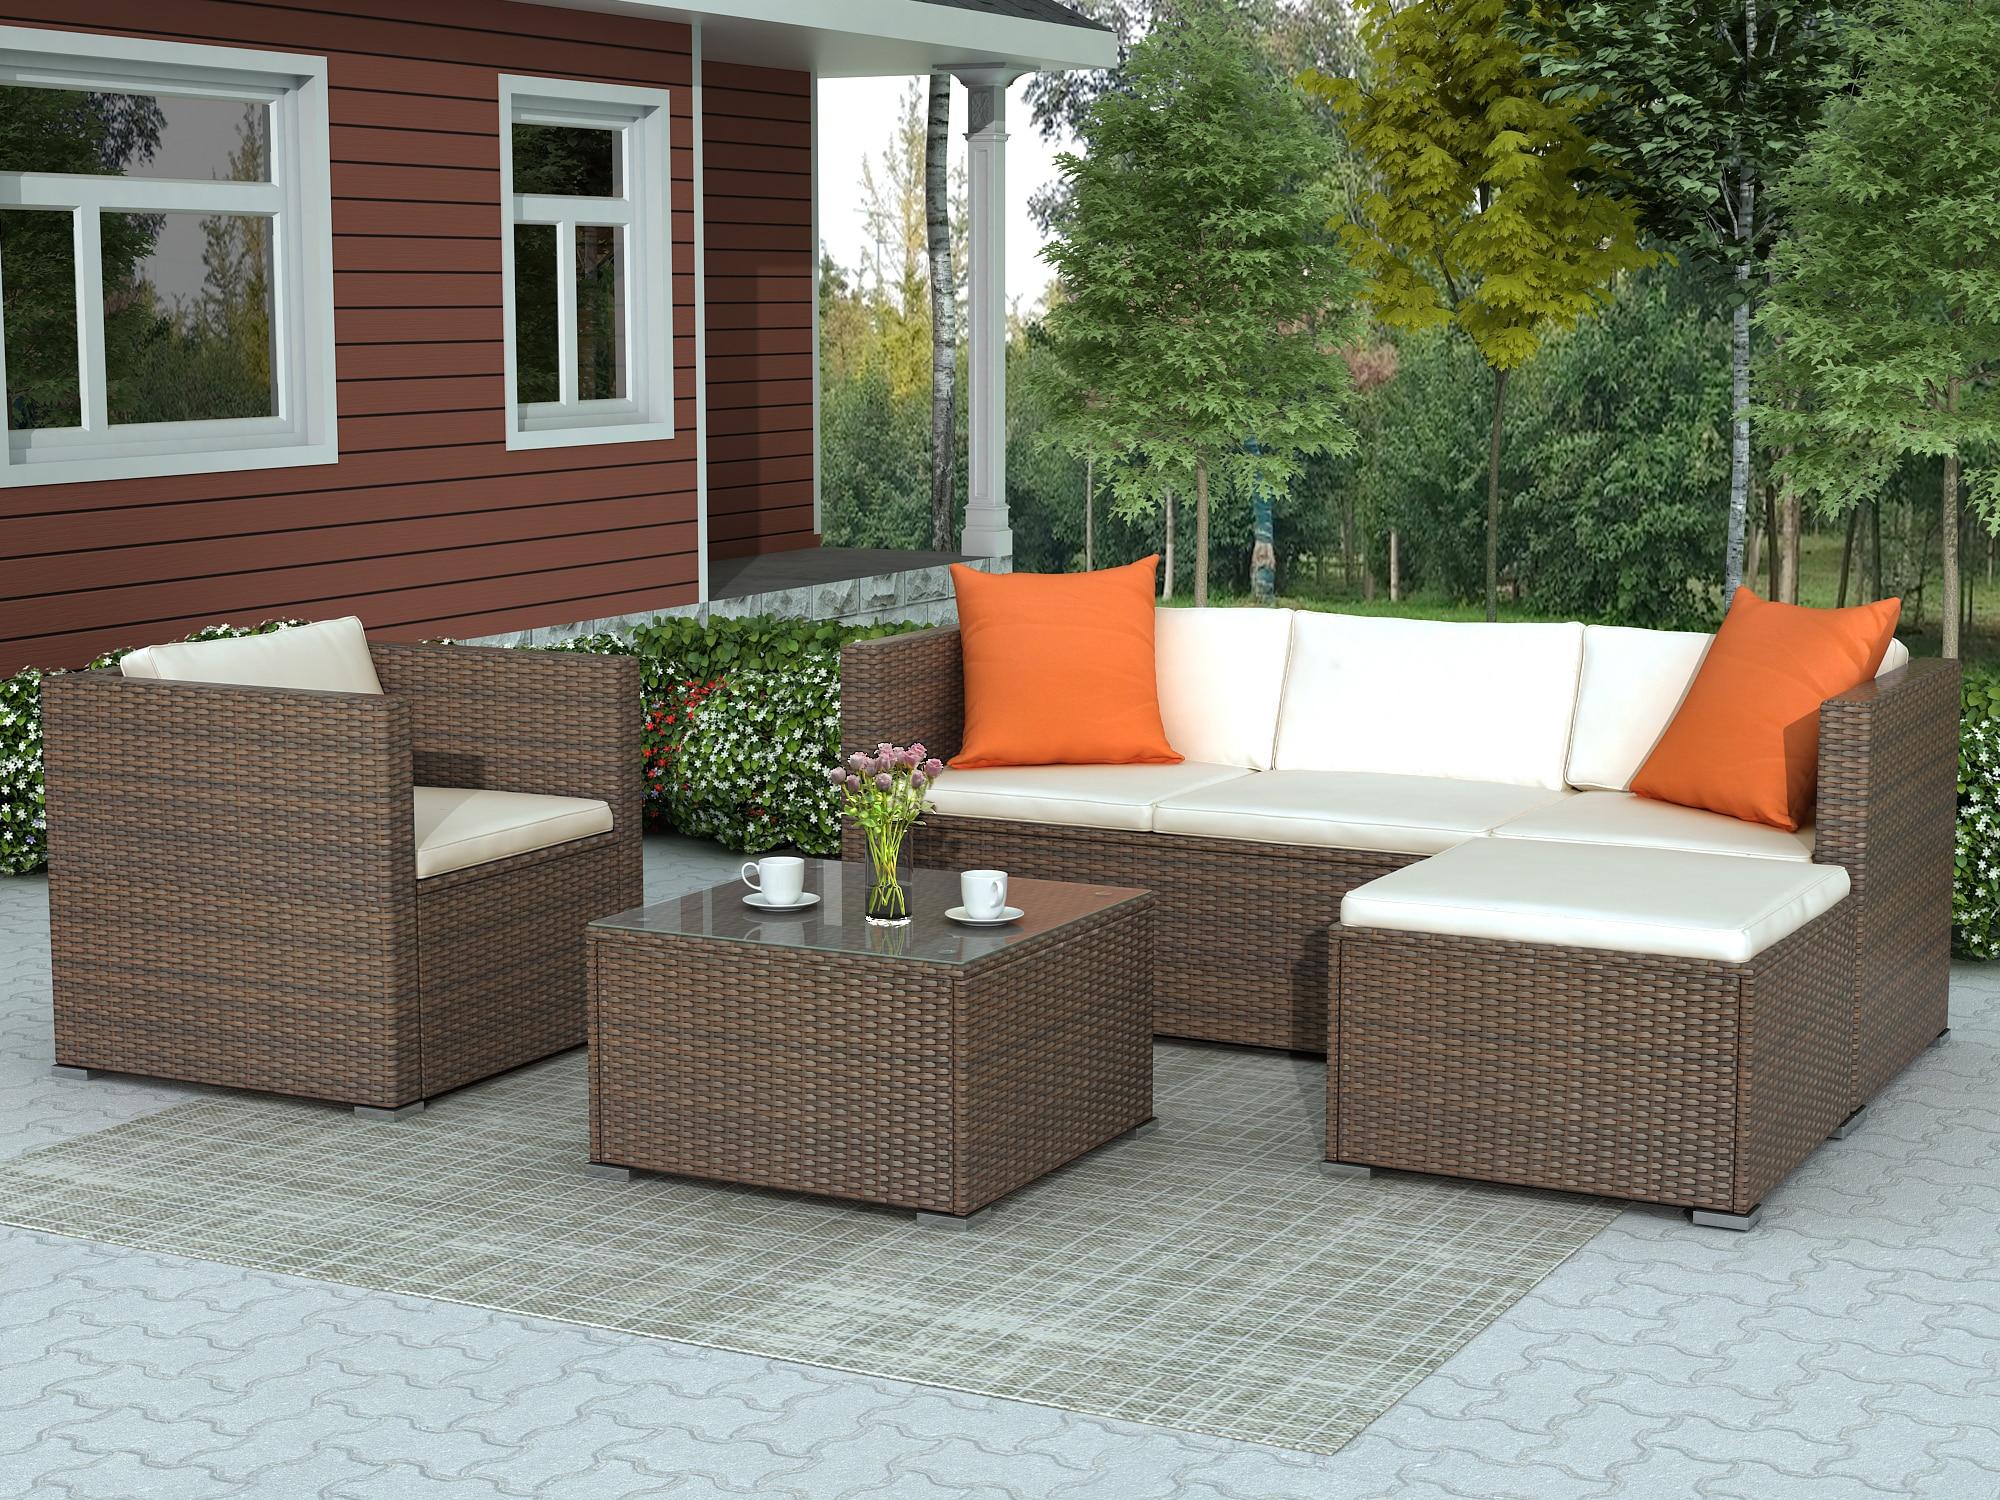 Набор мебели для патио из ротанга, плетеный диван с подушкой, секционный комплект мебели для сада, дивана, Прямая поставка